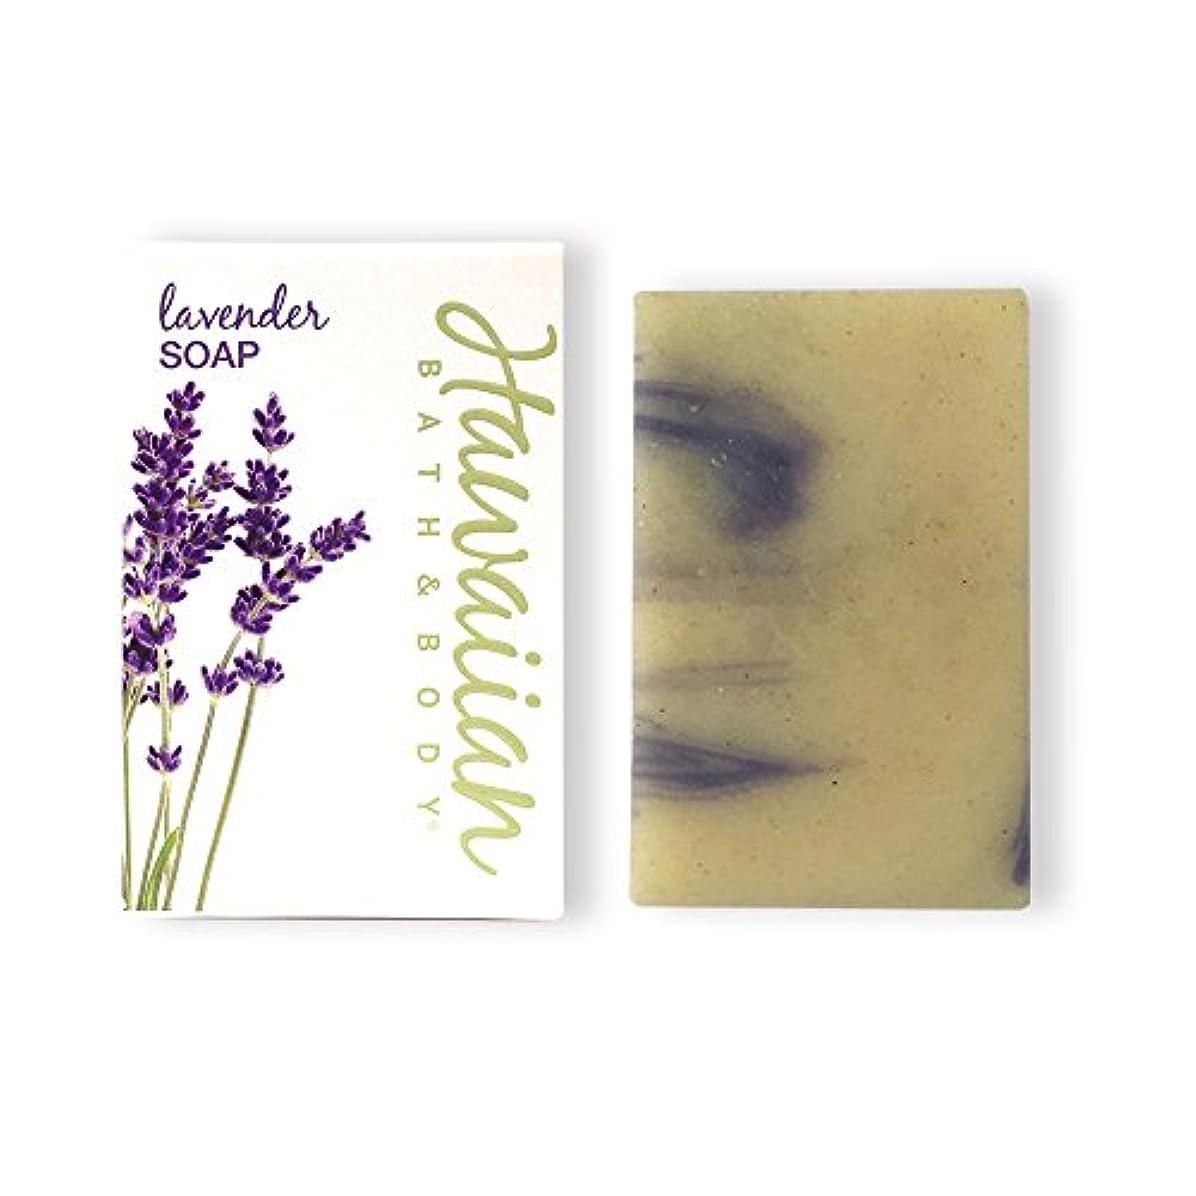 ジュニアアフリカ基本的なハワイアンバス&ボディ ラベンダー?ナチュラルソープ ( Lavender Soap )